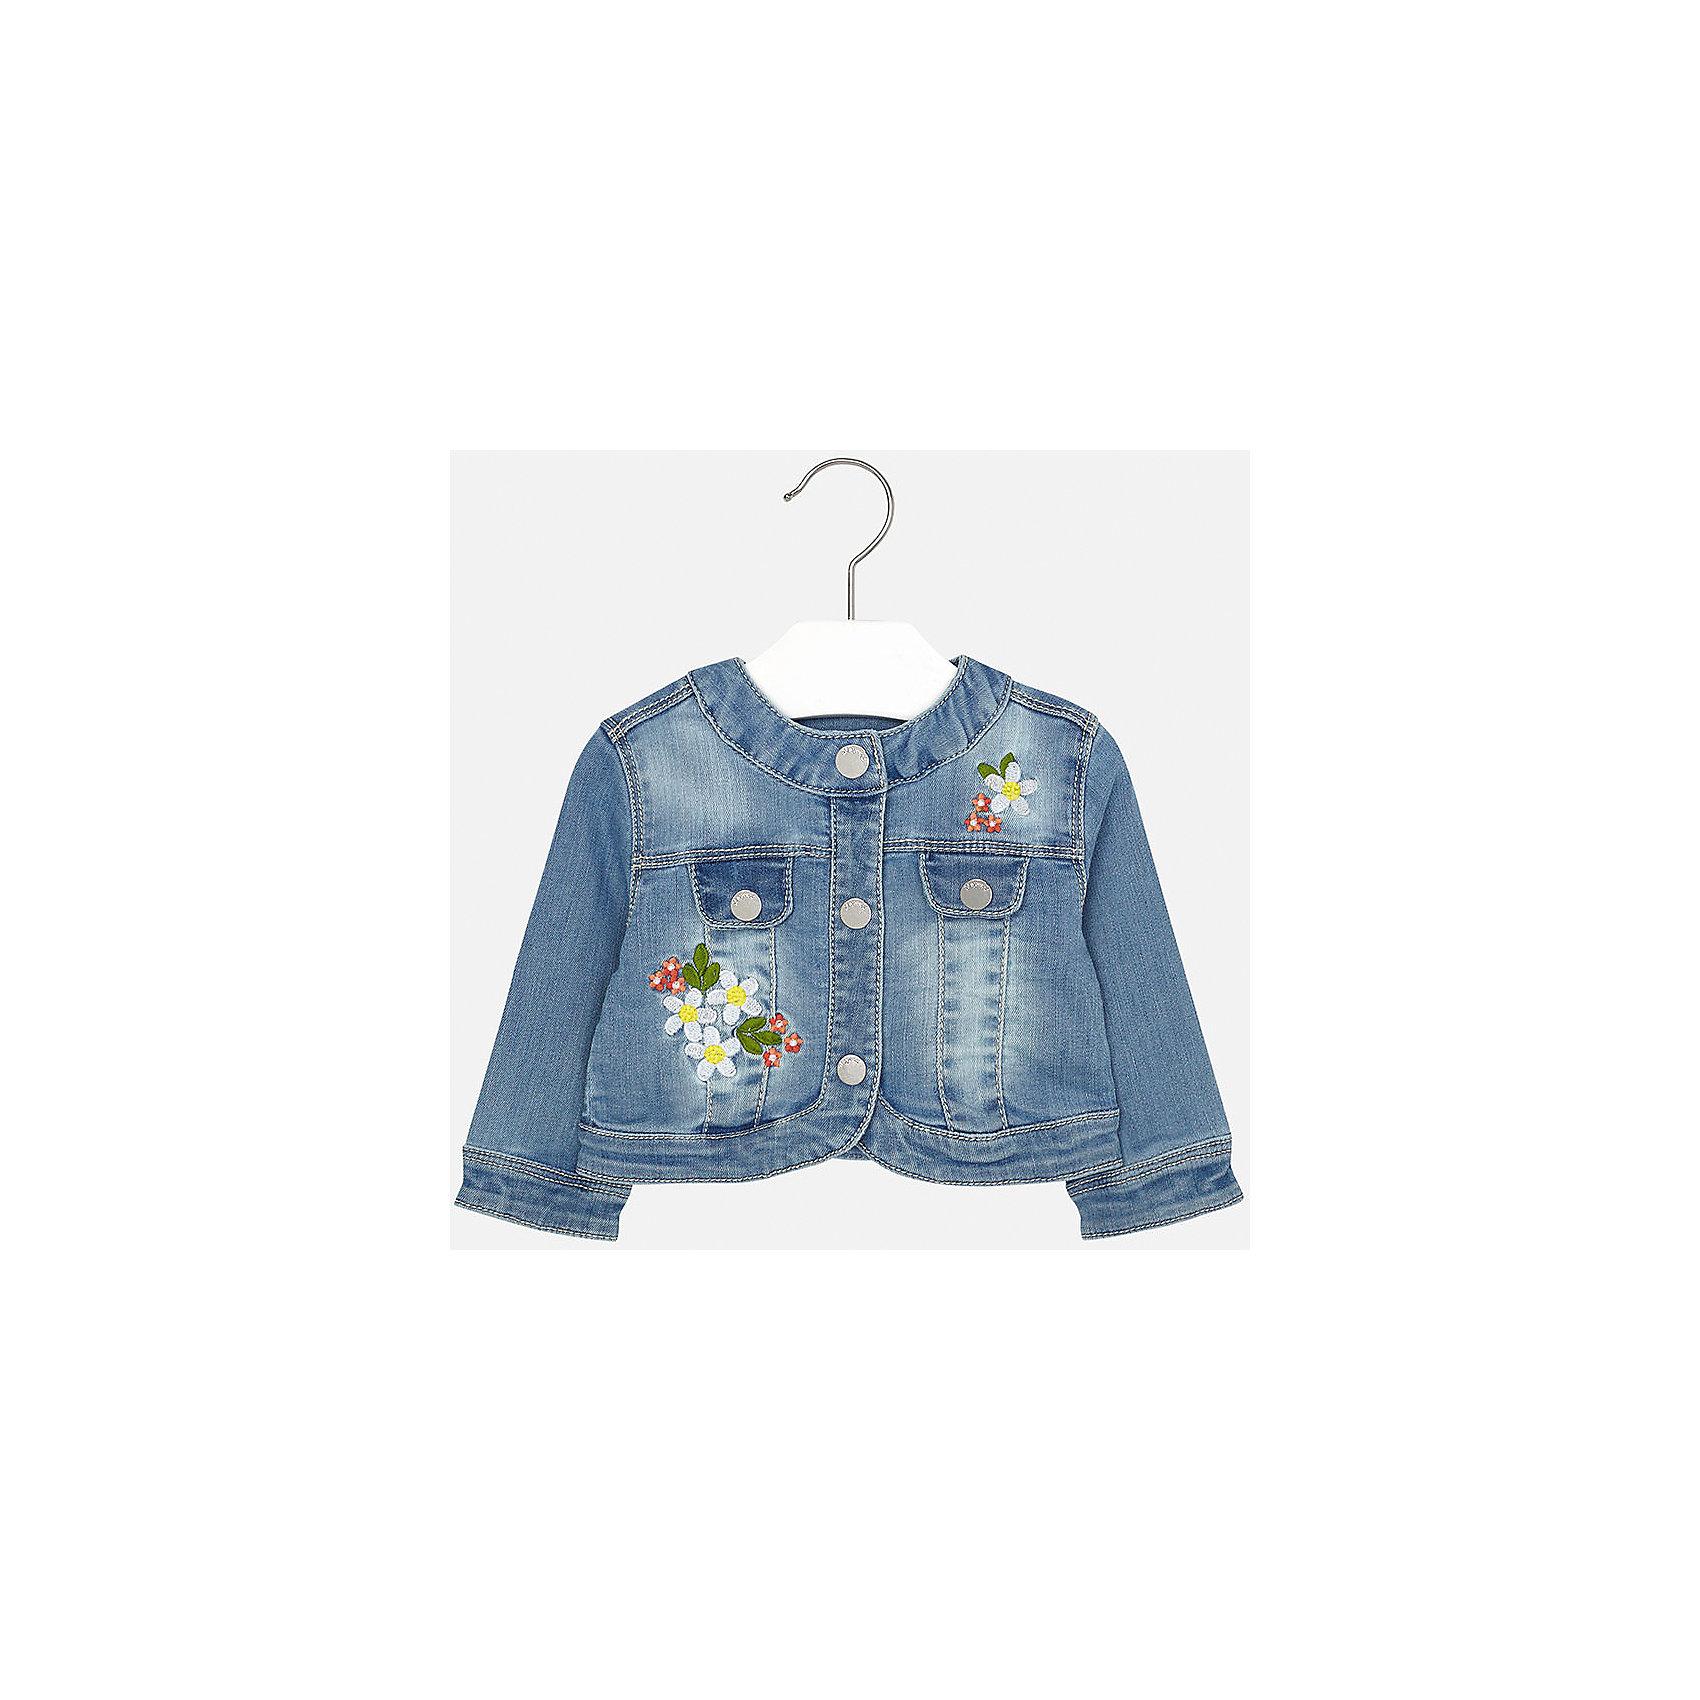 Куртка для девочки MayoralХарактеристики товара:<br><br>• цвет: синий<br>• состав: 81% хлопок, 17% полиэстер, 2% эластан<br>• застежка: кнопки<br>• карманы<br>• с длинными рукавами <br>• отложной воротник<br>• аппликация<br>• страна бренда: Испания<br><br>Модная удобная куртка для девочки поможет разнообразить гардероб ребенка. Она отлично сочетается и с юбками, и с брюками. Красивый цвет позволяет подобрать к вещи низ различных расцветок. Отличный способ придать наряду оригинальность!<br><br>Одежда, обувь и аксессуары от испанского бренда Mayoral полюбились детям и взрослым по всему миру. Модели этой марки - стильные и удобные. Для их производства используются только безопасные, качественные материалы и фурнитура. Порадуйте ребенка модными и красивыми вещами от Mayoral! <br><br>Куртку для девочки от испанского бренда Mayoral (Майорал) можно купить в нашем интернет-магазине.<br><br>Ширина мм: 356<br>Глубина мм: 10<br>Высота мм: 245<br>Вес г: 519<br>Цвет: синий<br>Возраст от месяцев: 6<br>Возраст до месяцев: 9<br>Пол: Женский<br>Возраст: Детский<br>Размер: 74,92,80,86<br>SKU: 5288936